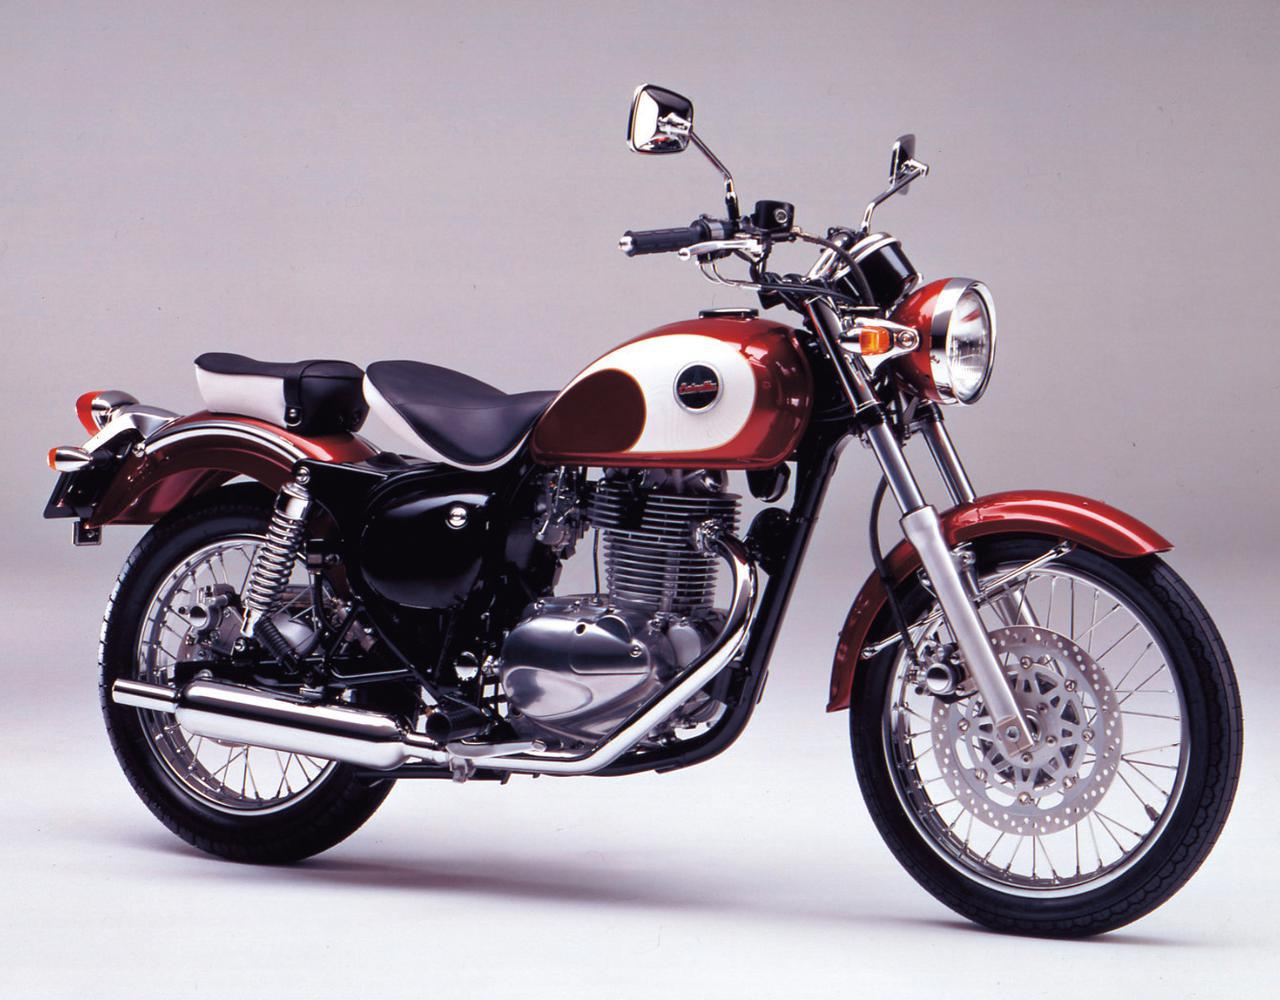 画像: Kawasaki ESTRELLA-RS 1995 発売当時価格:45万円 カラー:ワインレッド